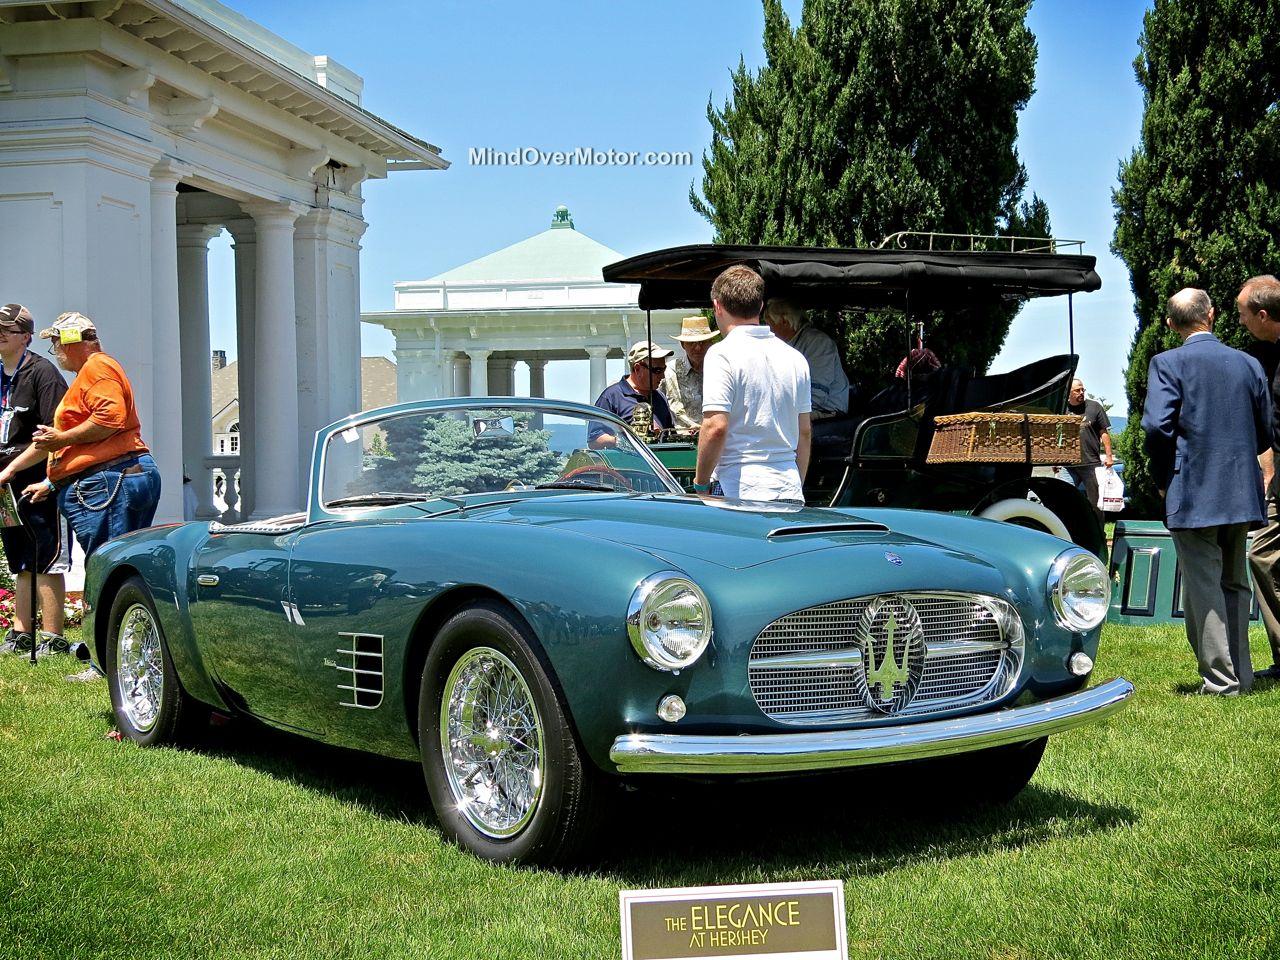 Maserati A6G 2000 Spyder Zagato at Hershey